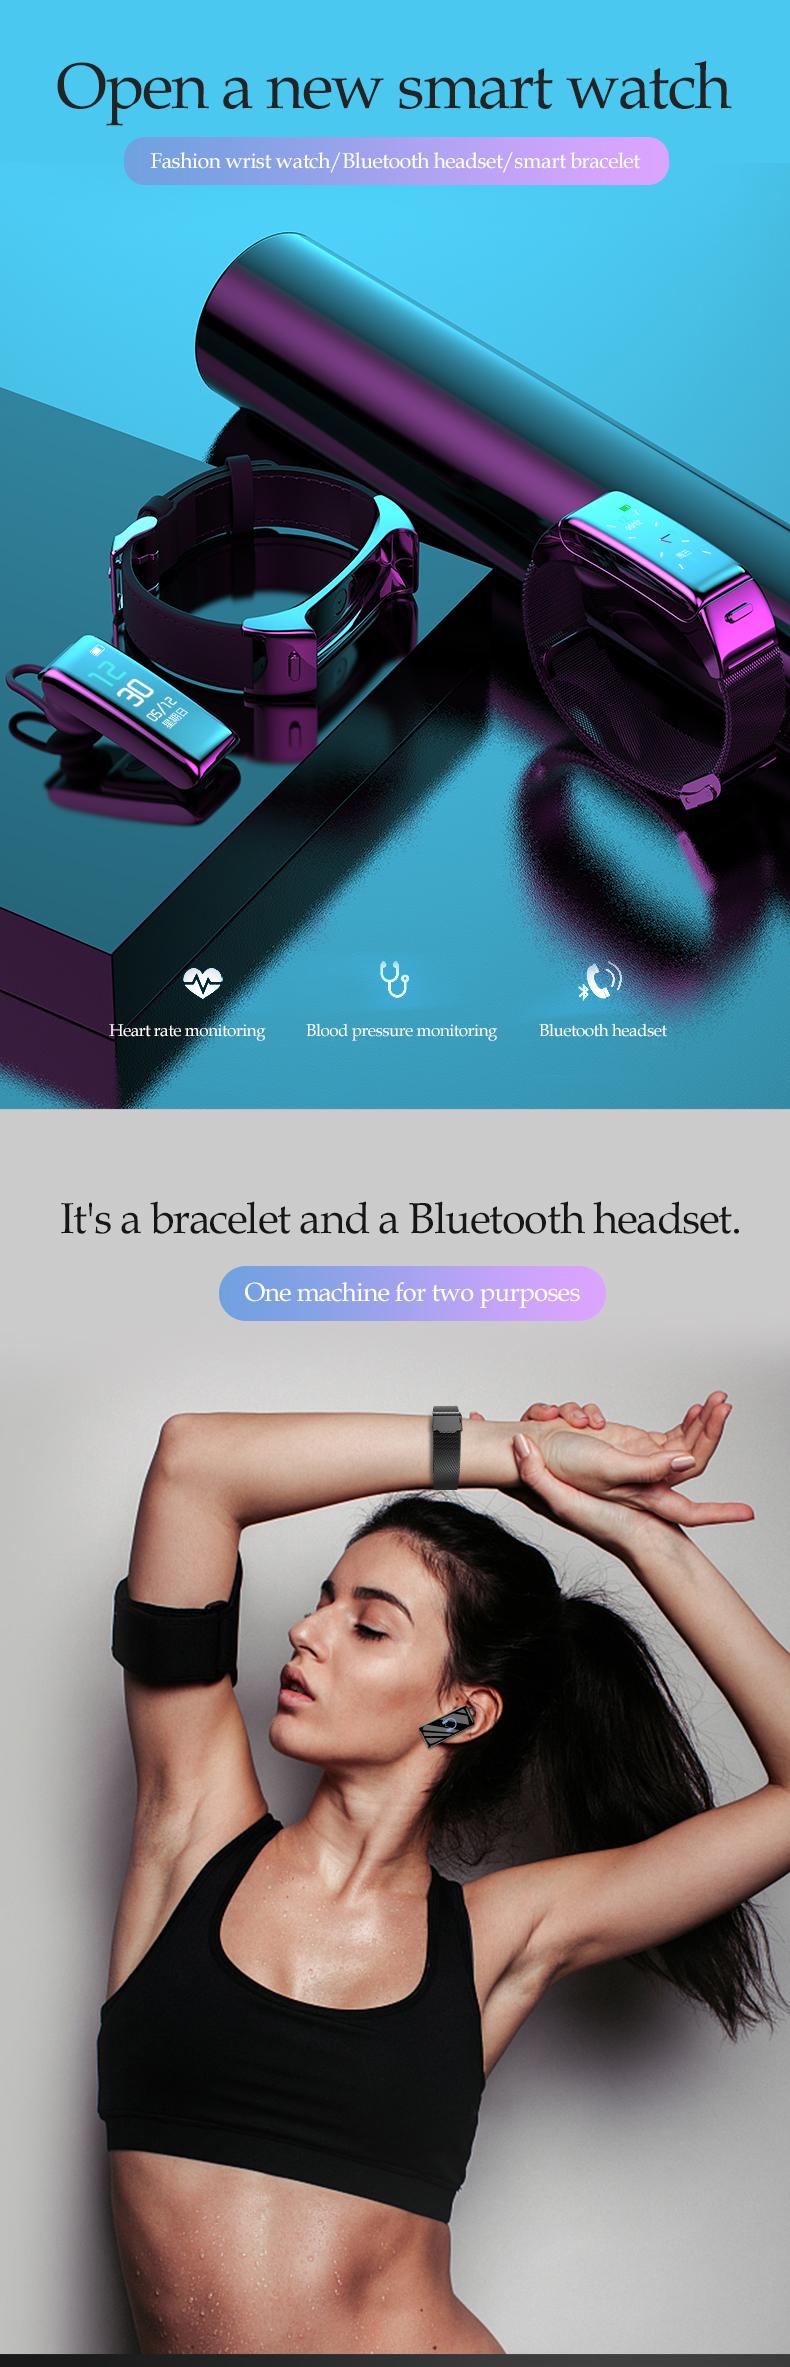 适用于Android iOS的防水智能手表耳机2合1智能手表耳塞